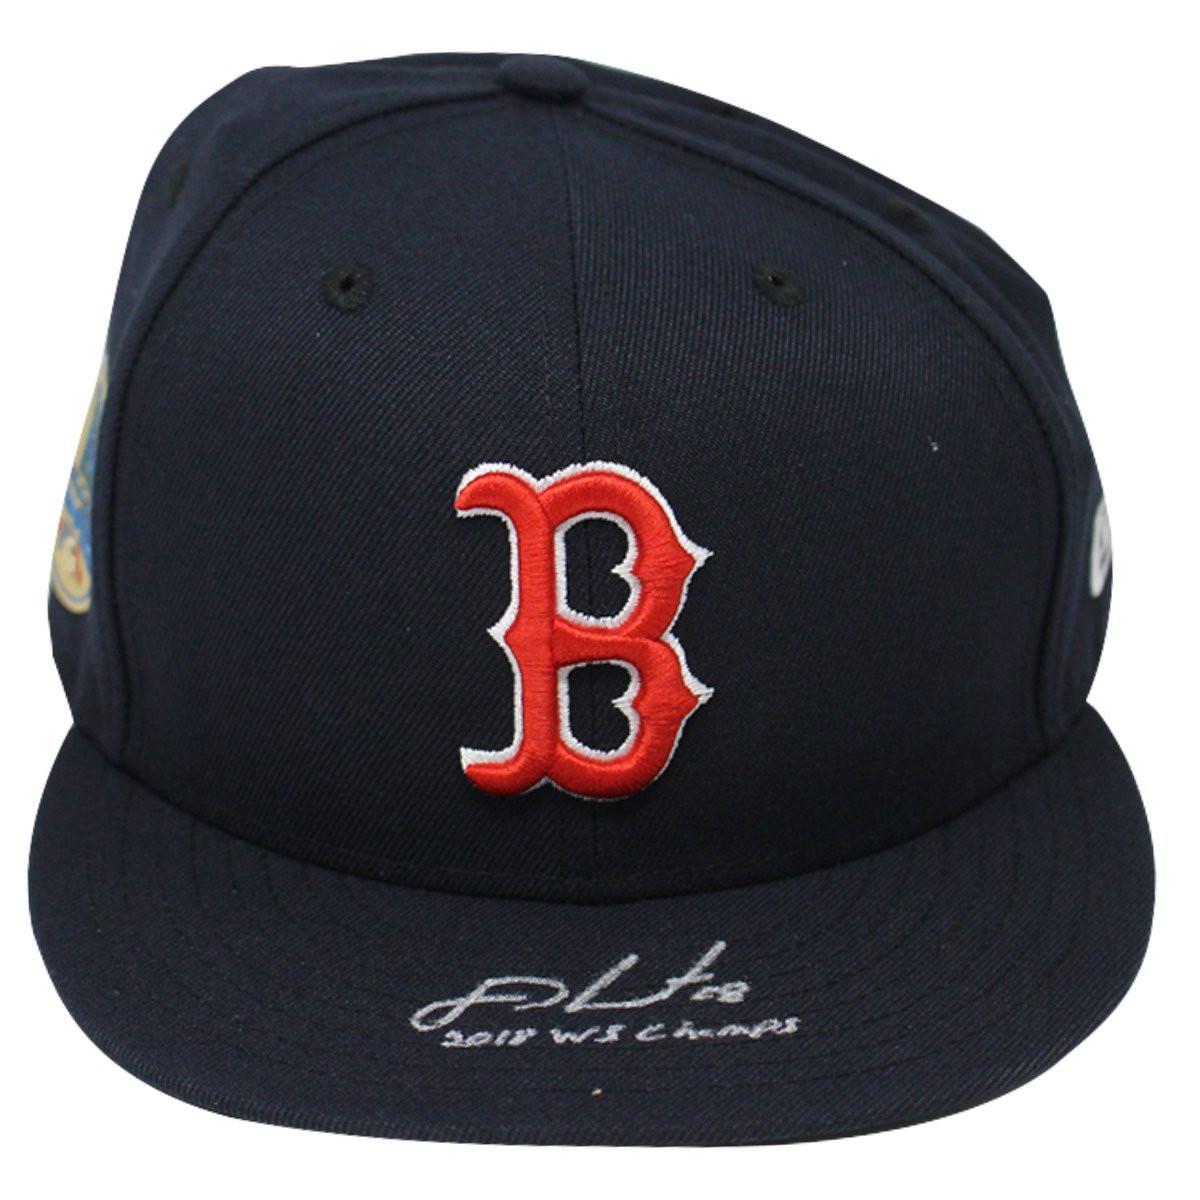 103508dbb48769 ... Era Navy Home 2018 World Series Patch Fitted Hat STEINER. Price:  $269.00. Image 1